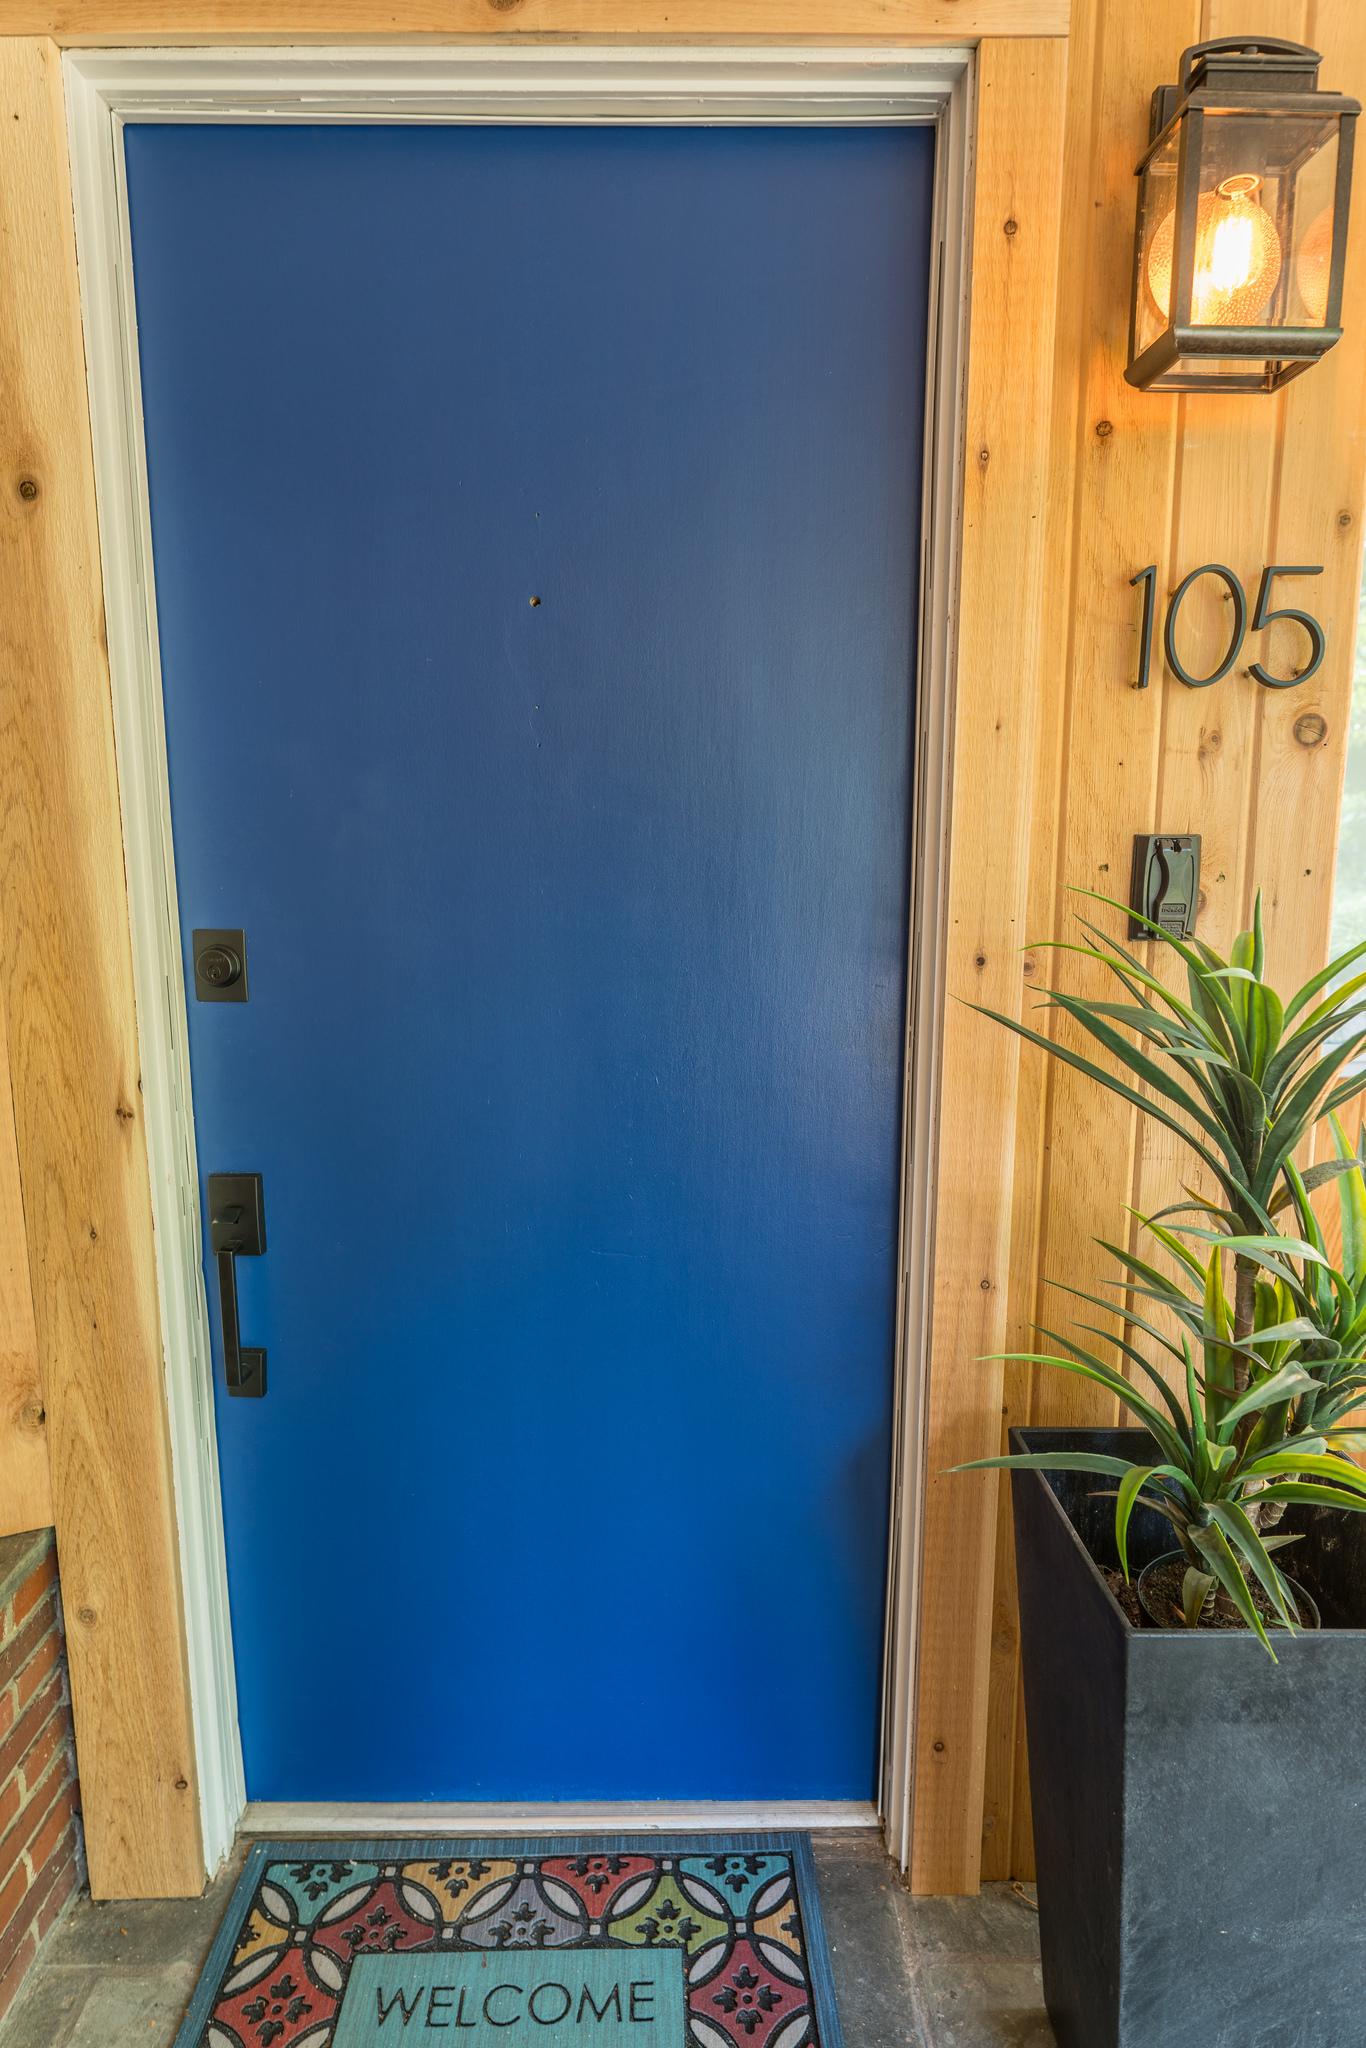 Cedar siding and blue doors